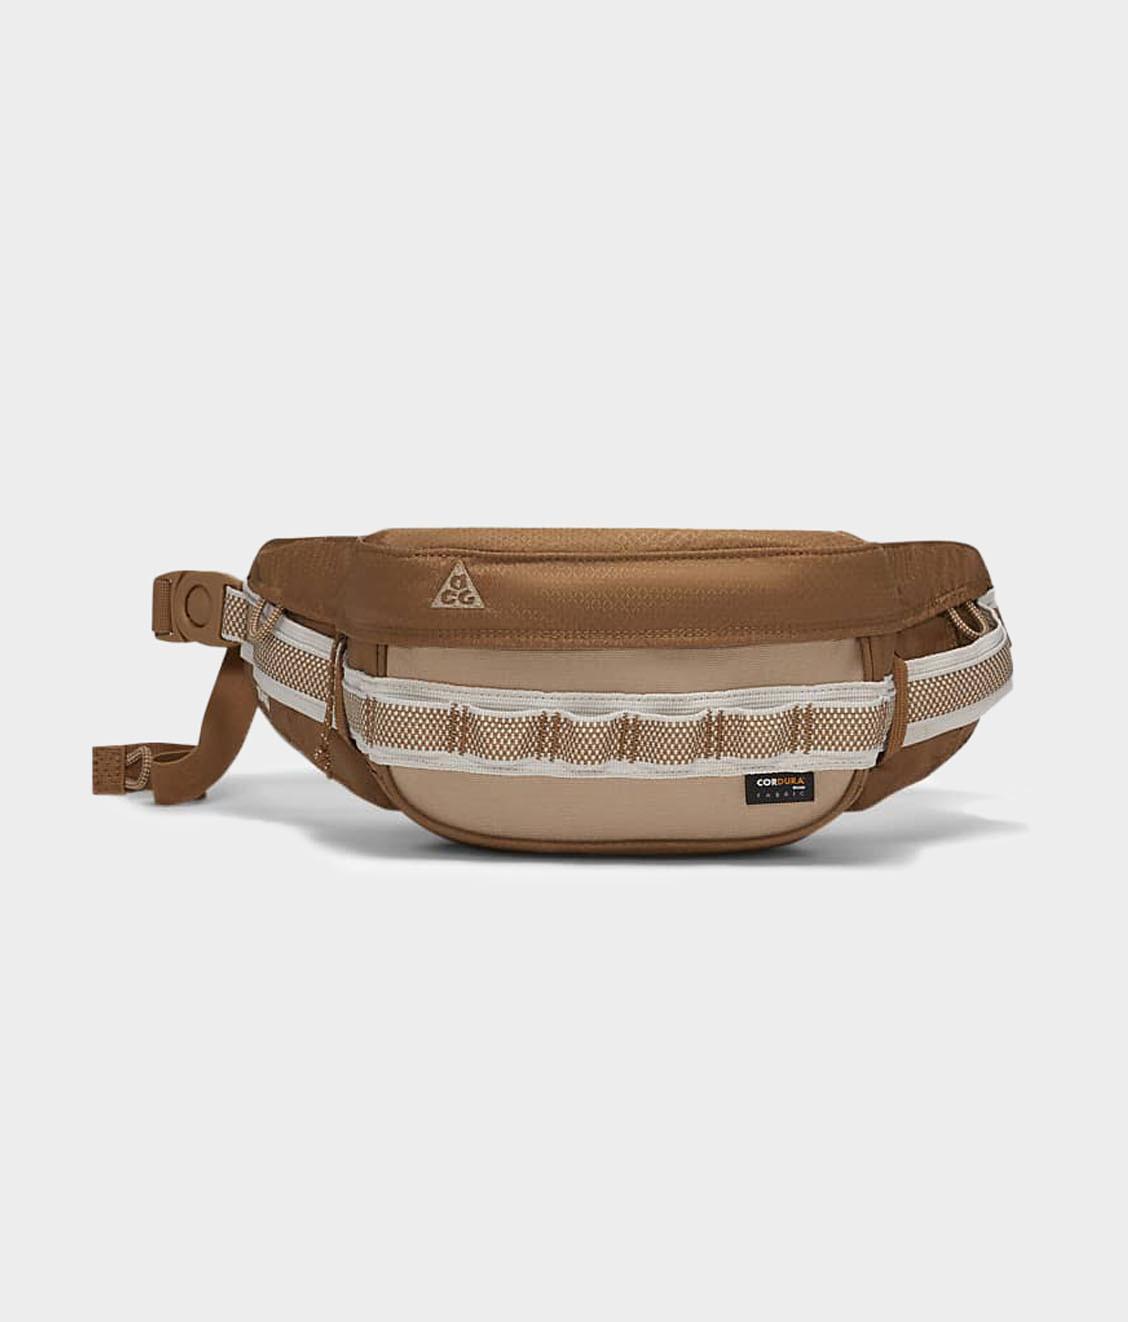 Nike Nike ACG Karst Bag Golden Beige/Khaki